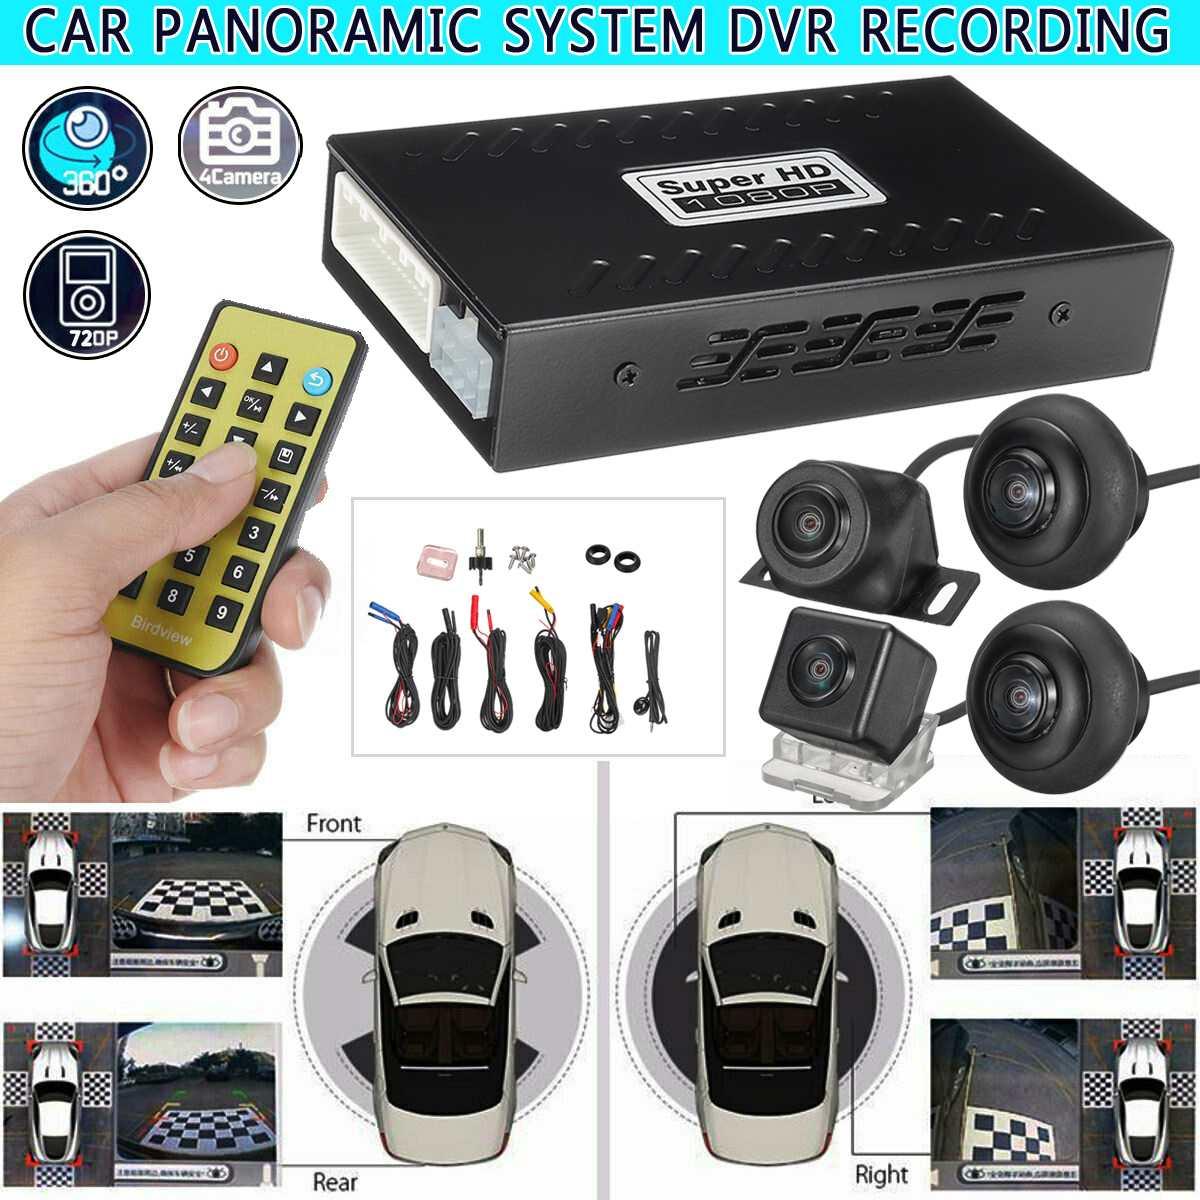 360 градусов Автомобильный объемный вид Системы Авто птица вид Panorama DVR Системы 4 Камера HD 1080P Видеорегистраторы для автомобилей Регистраторы